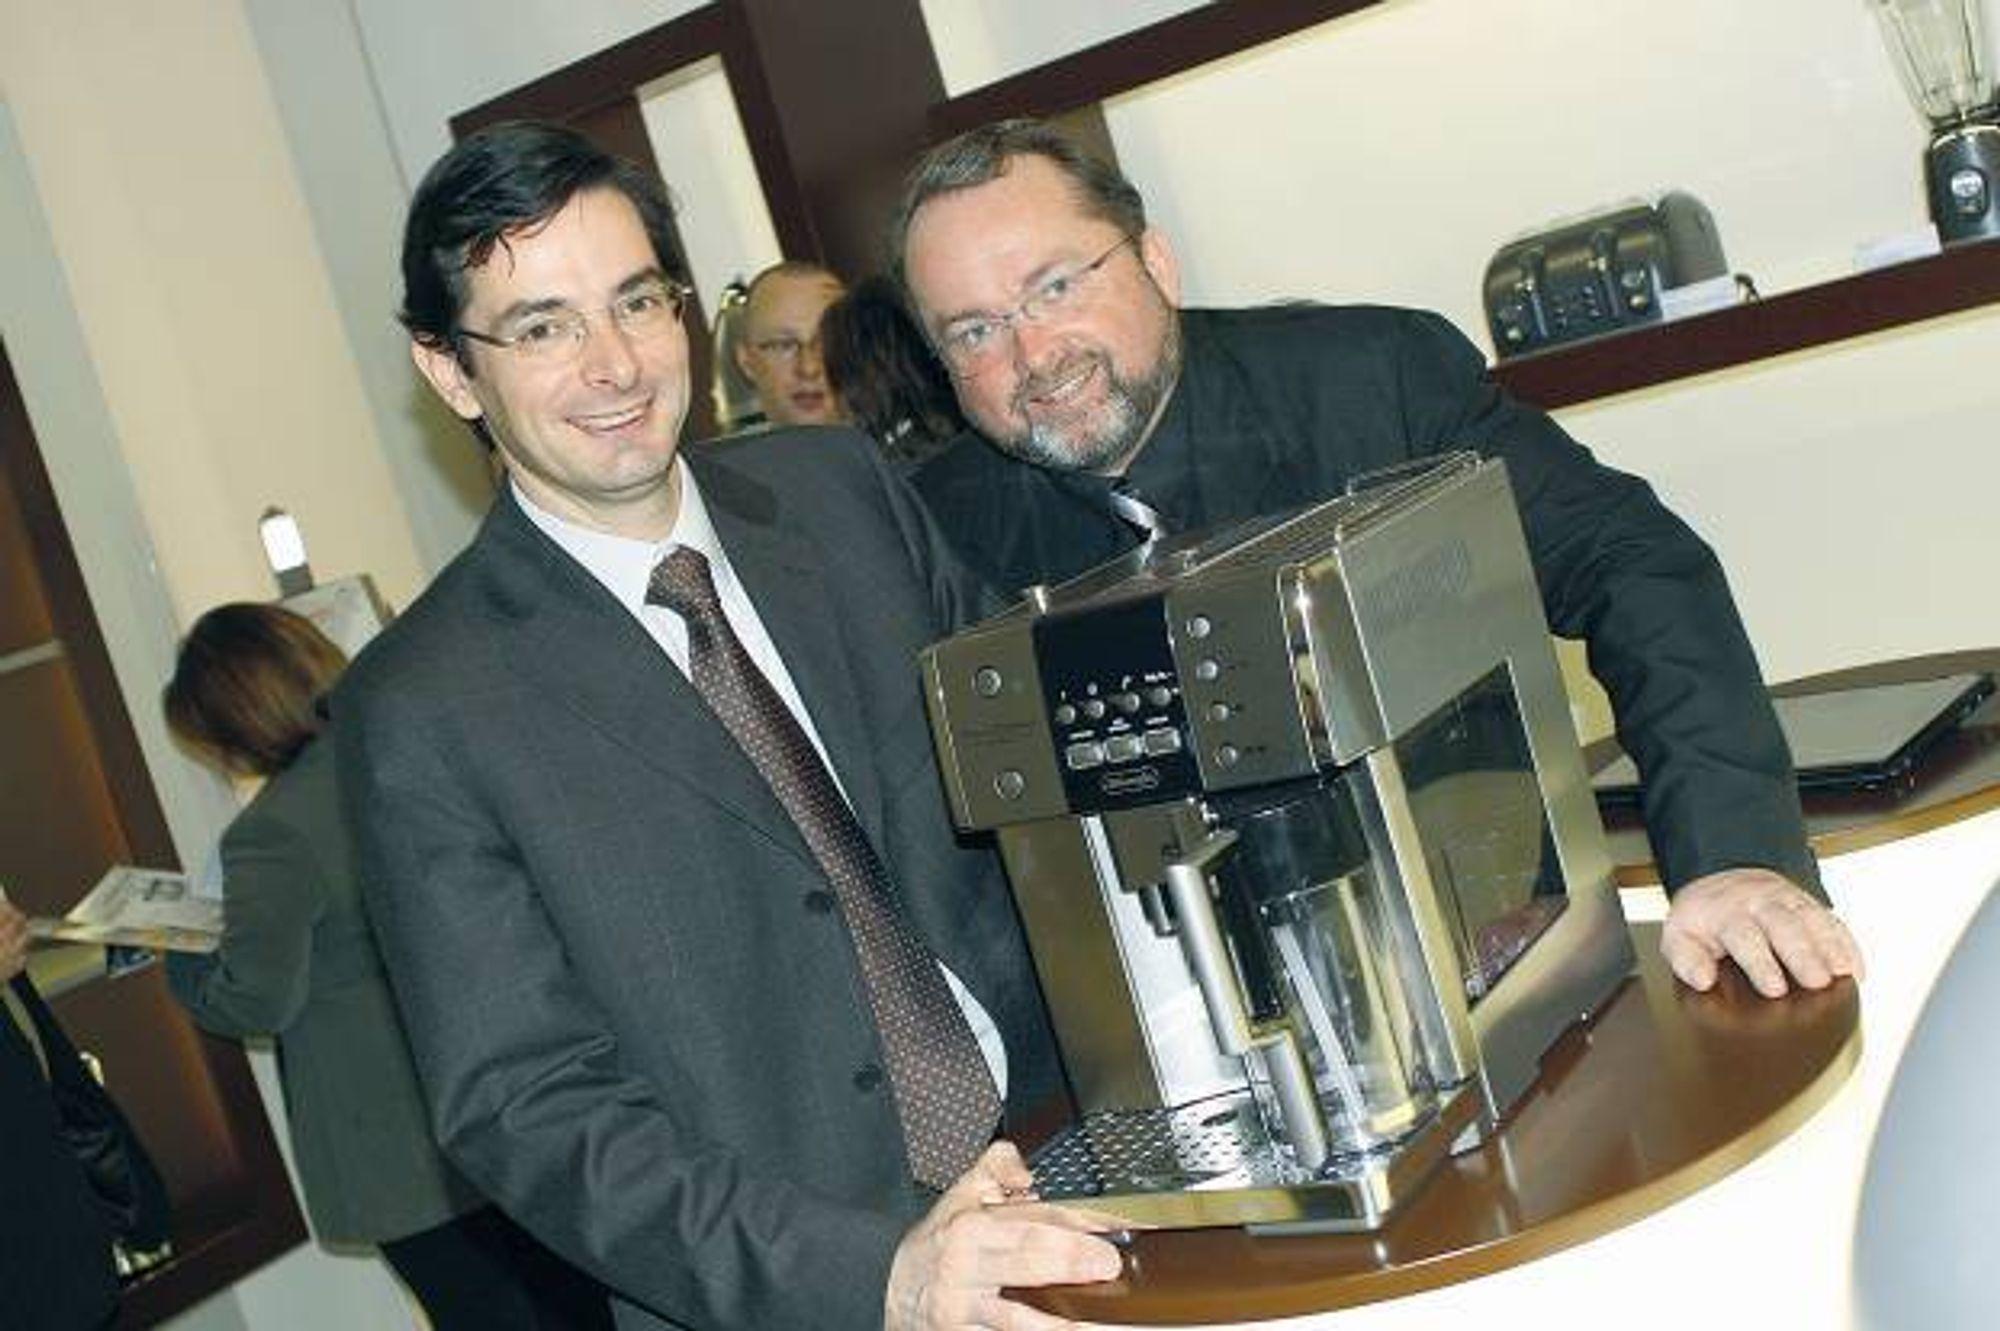 qualità incredibile gamma completa di articoli acquista autentico Handlerne bremser salget av kaffemaskiner ...